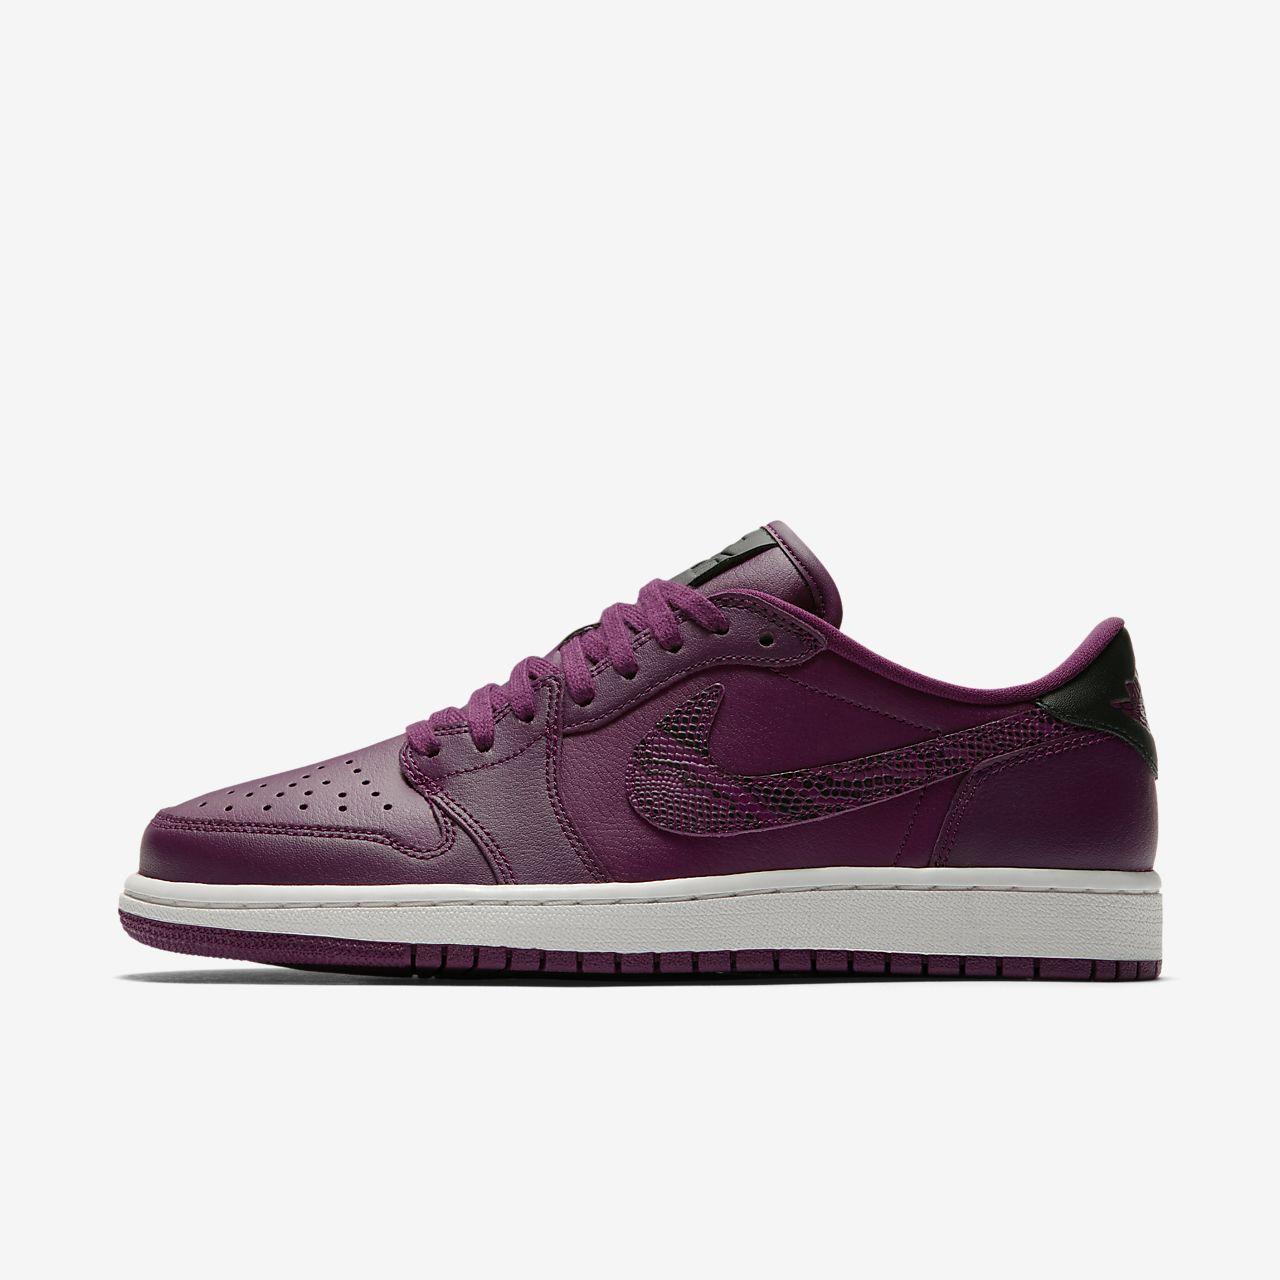 buy online 03d6f 139c4 ... Air Jordan 1 Retro Low OG Womens Shoe